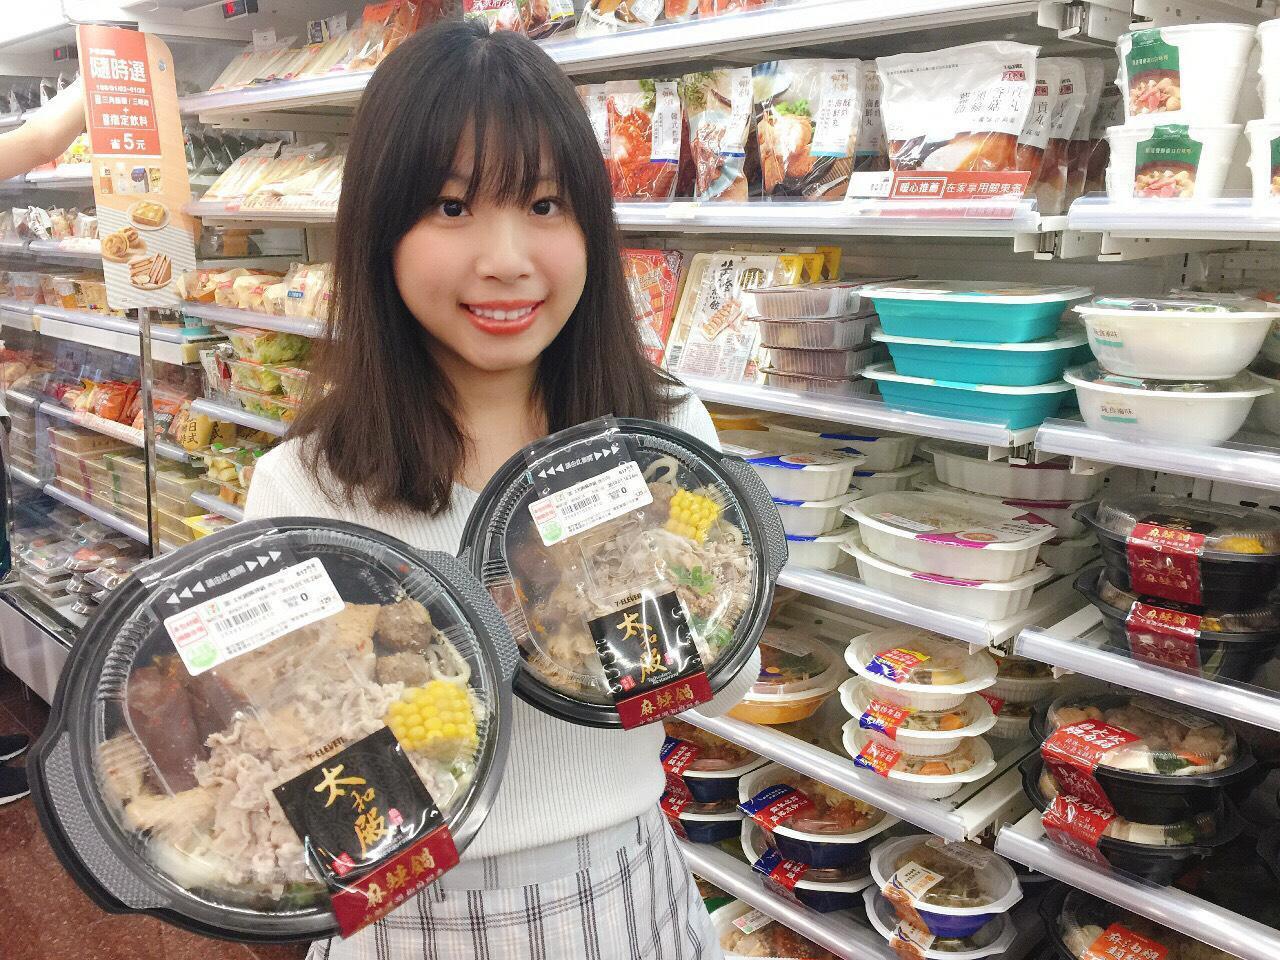 看準冬季暖食需求,7-ELEVEN首度與知名麻辣鍋品牌「太和殿」合作,主打本店吃...